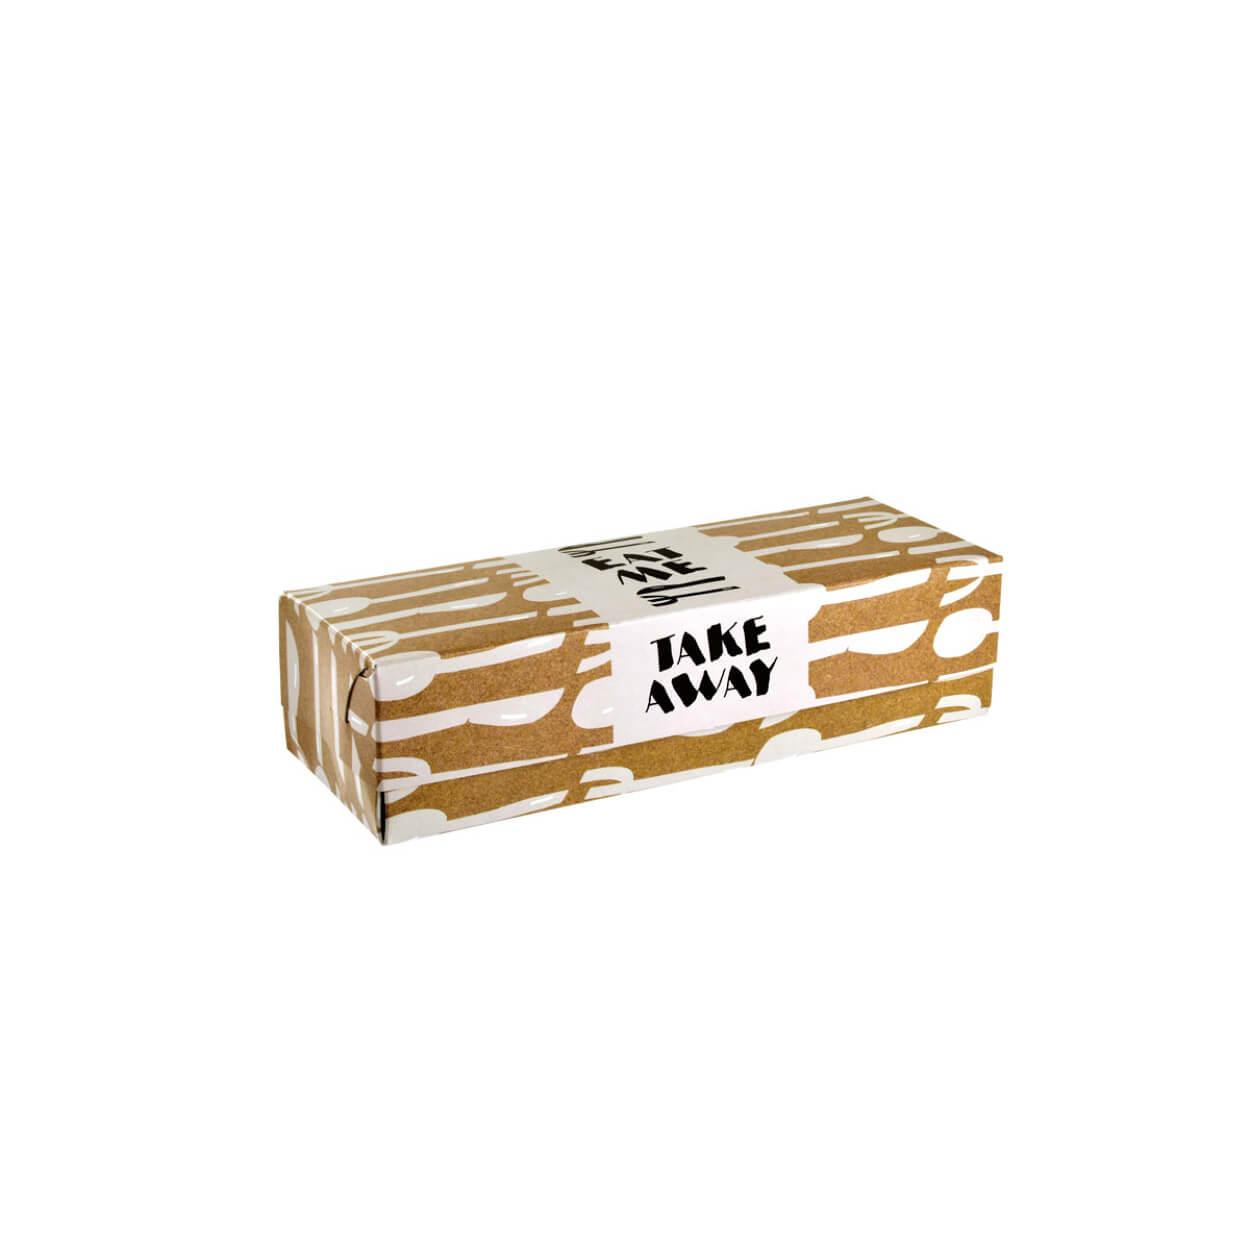 ΚΟΥΤΙ ΓΙΑ ΚΑΛΑΜΑΚΙΑ – TIGERPACK 25cm X 9cm X 6,5